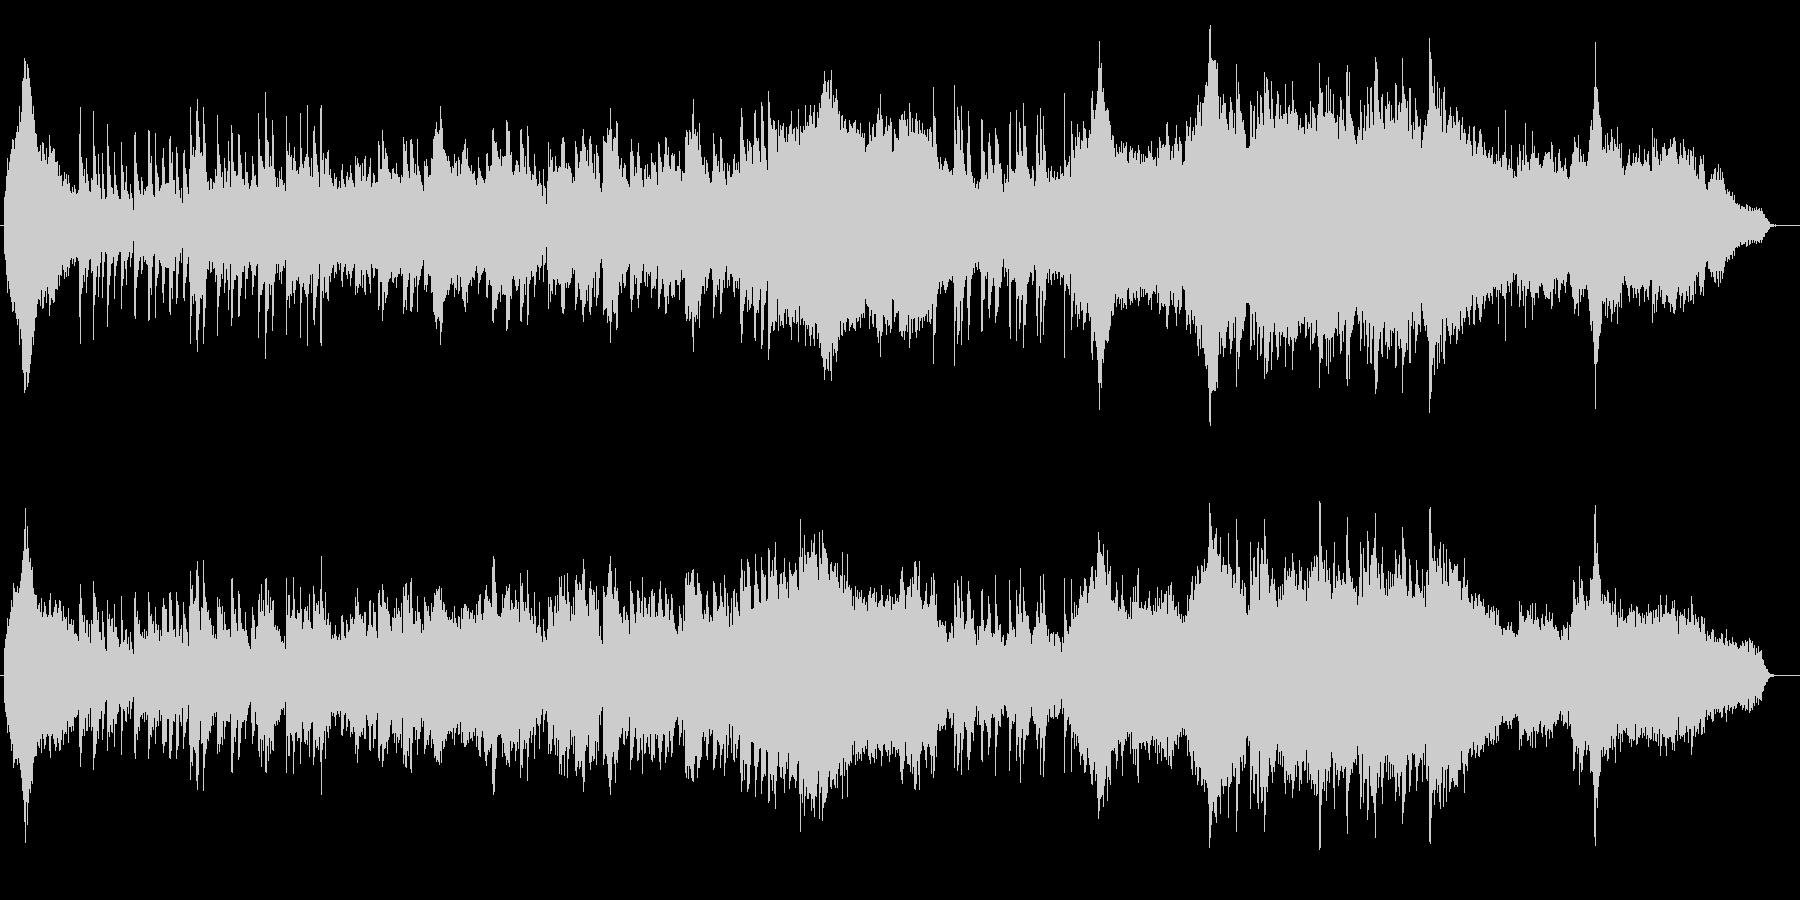 和風 箏(琴)篳篥メインのヒーリング曲の未再生の波形